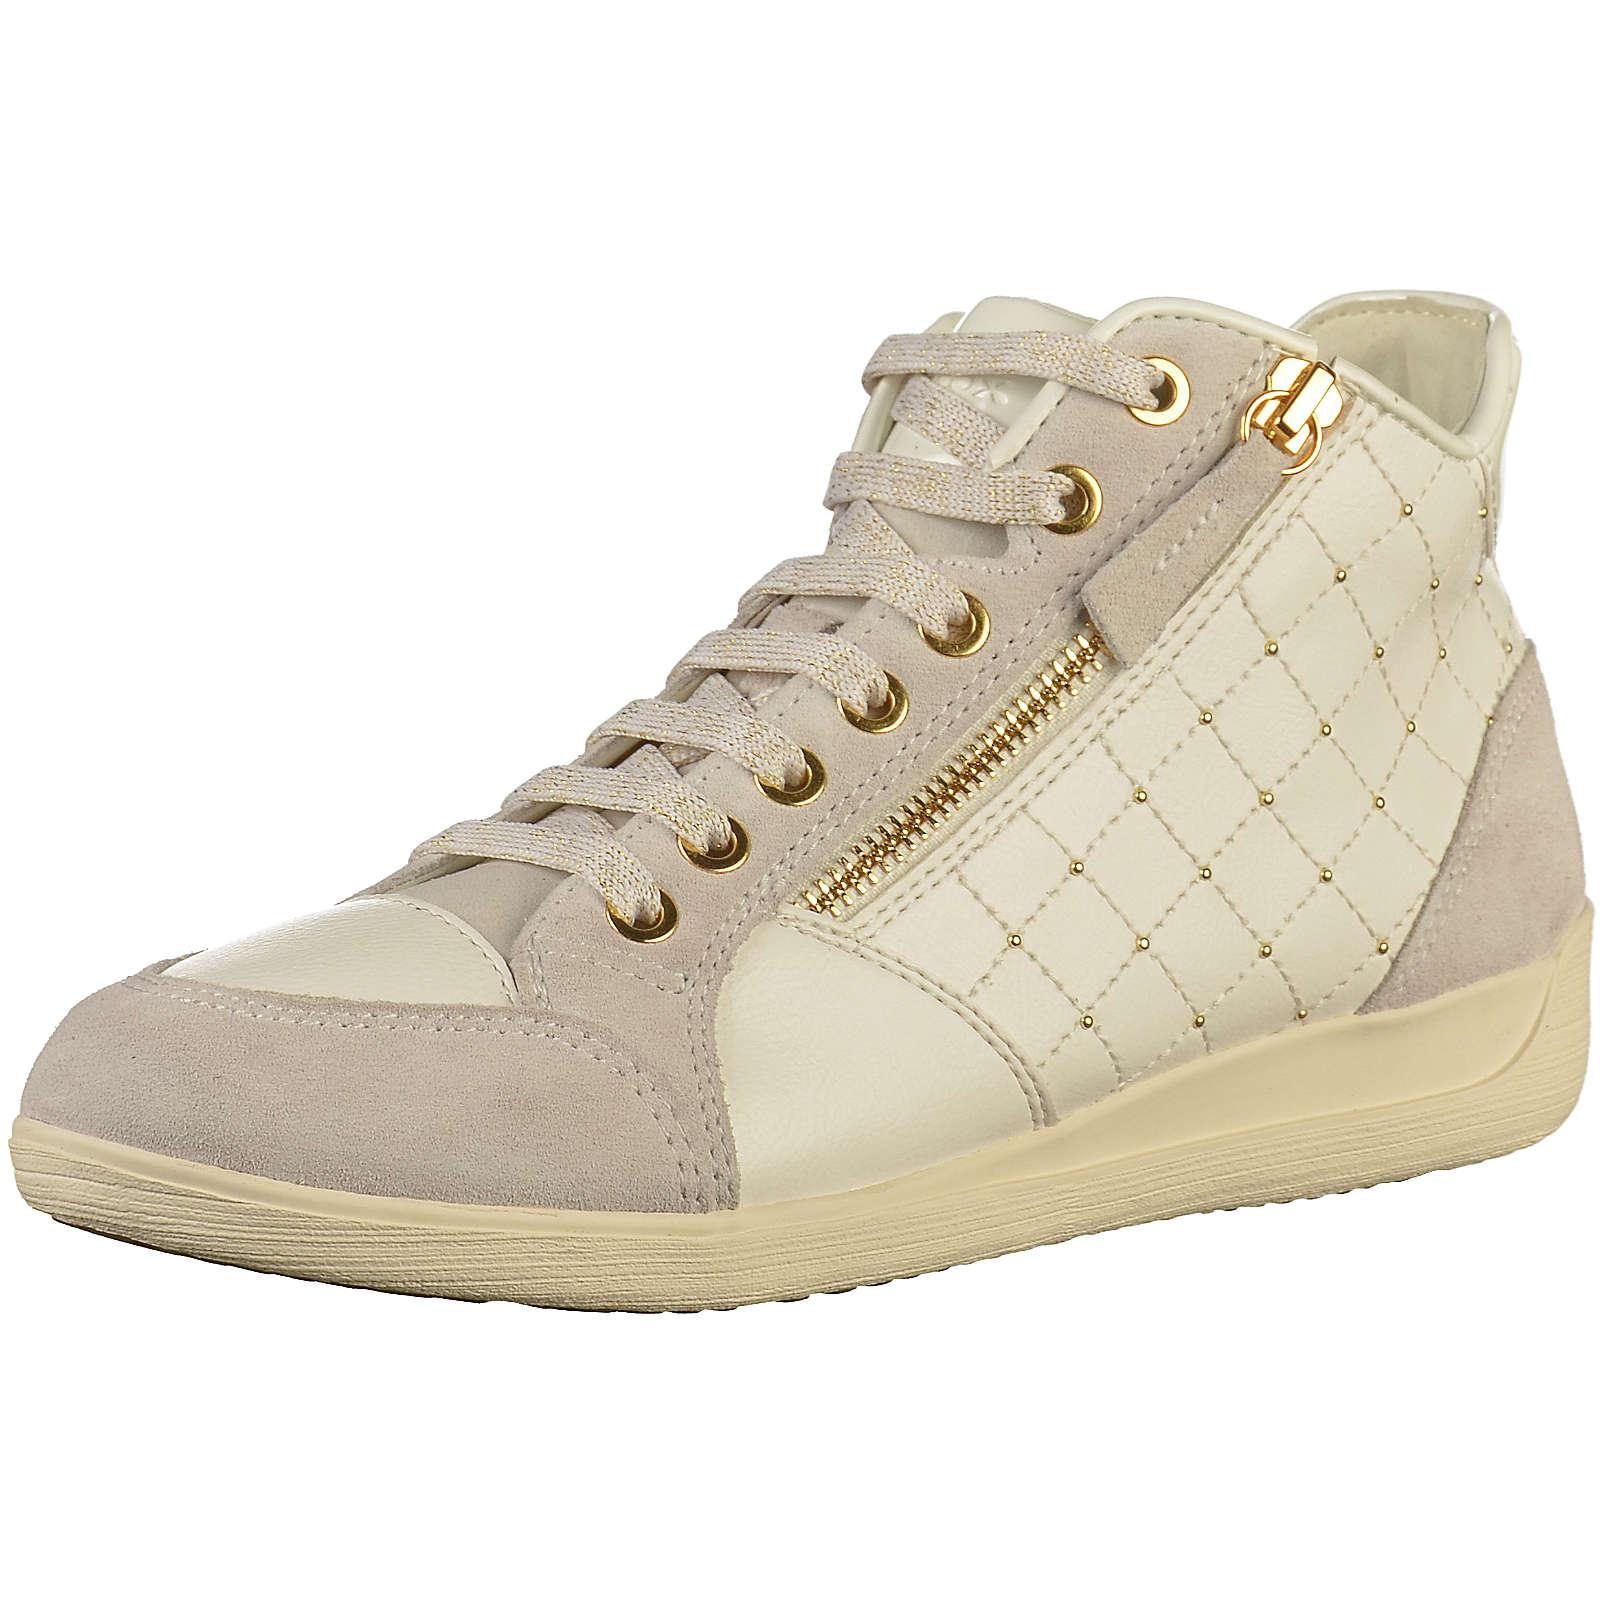 GEOX Sneaker Sneakers High weiß Damen Gr. 37